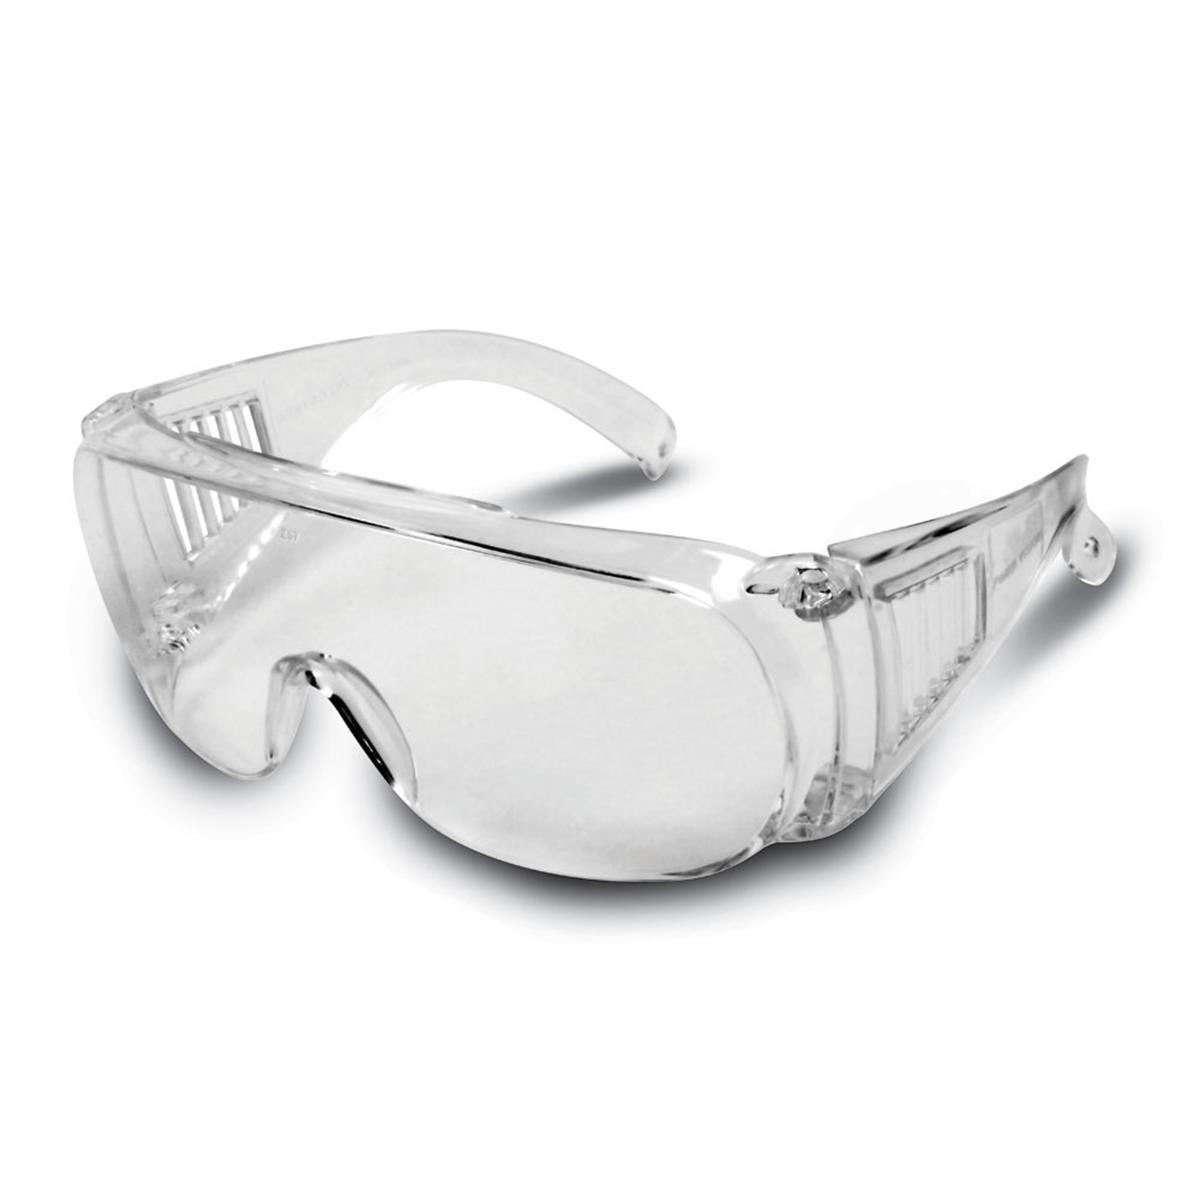 ae442b8f76b23 Óculos de Proteção para Sobreposição 3M